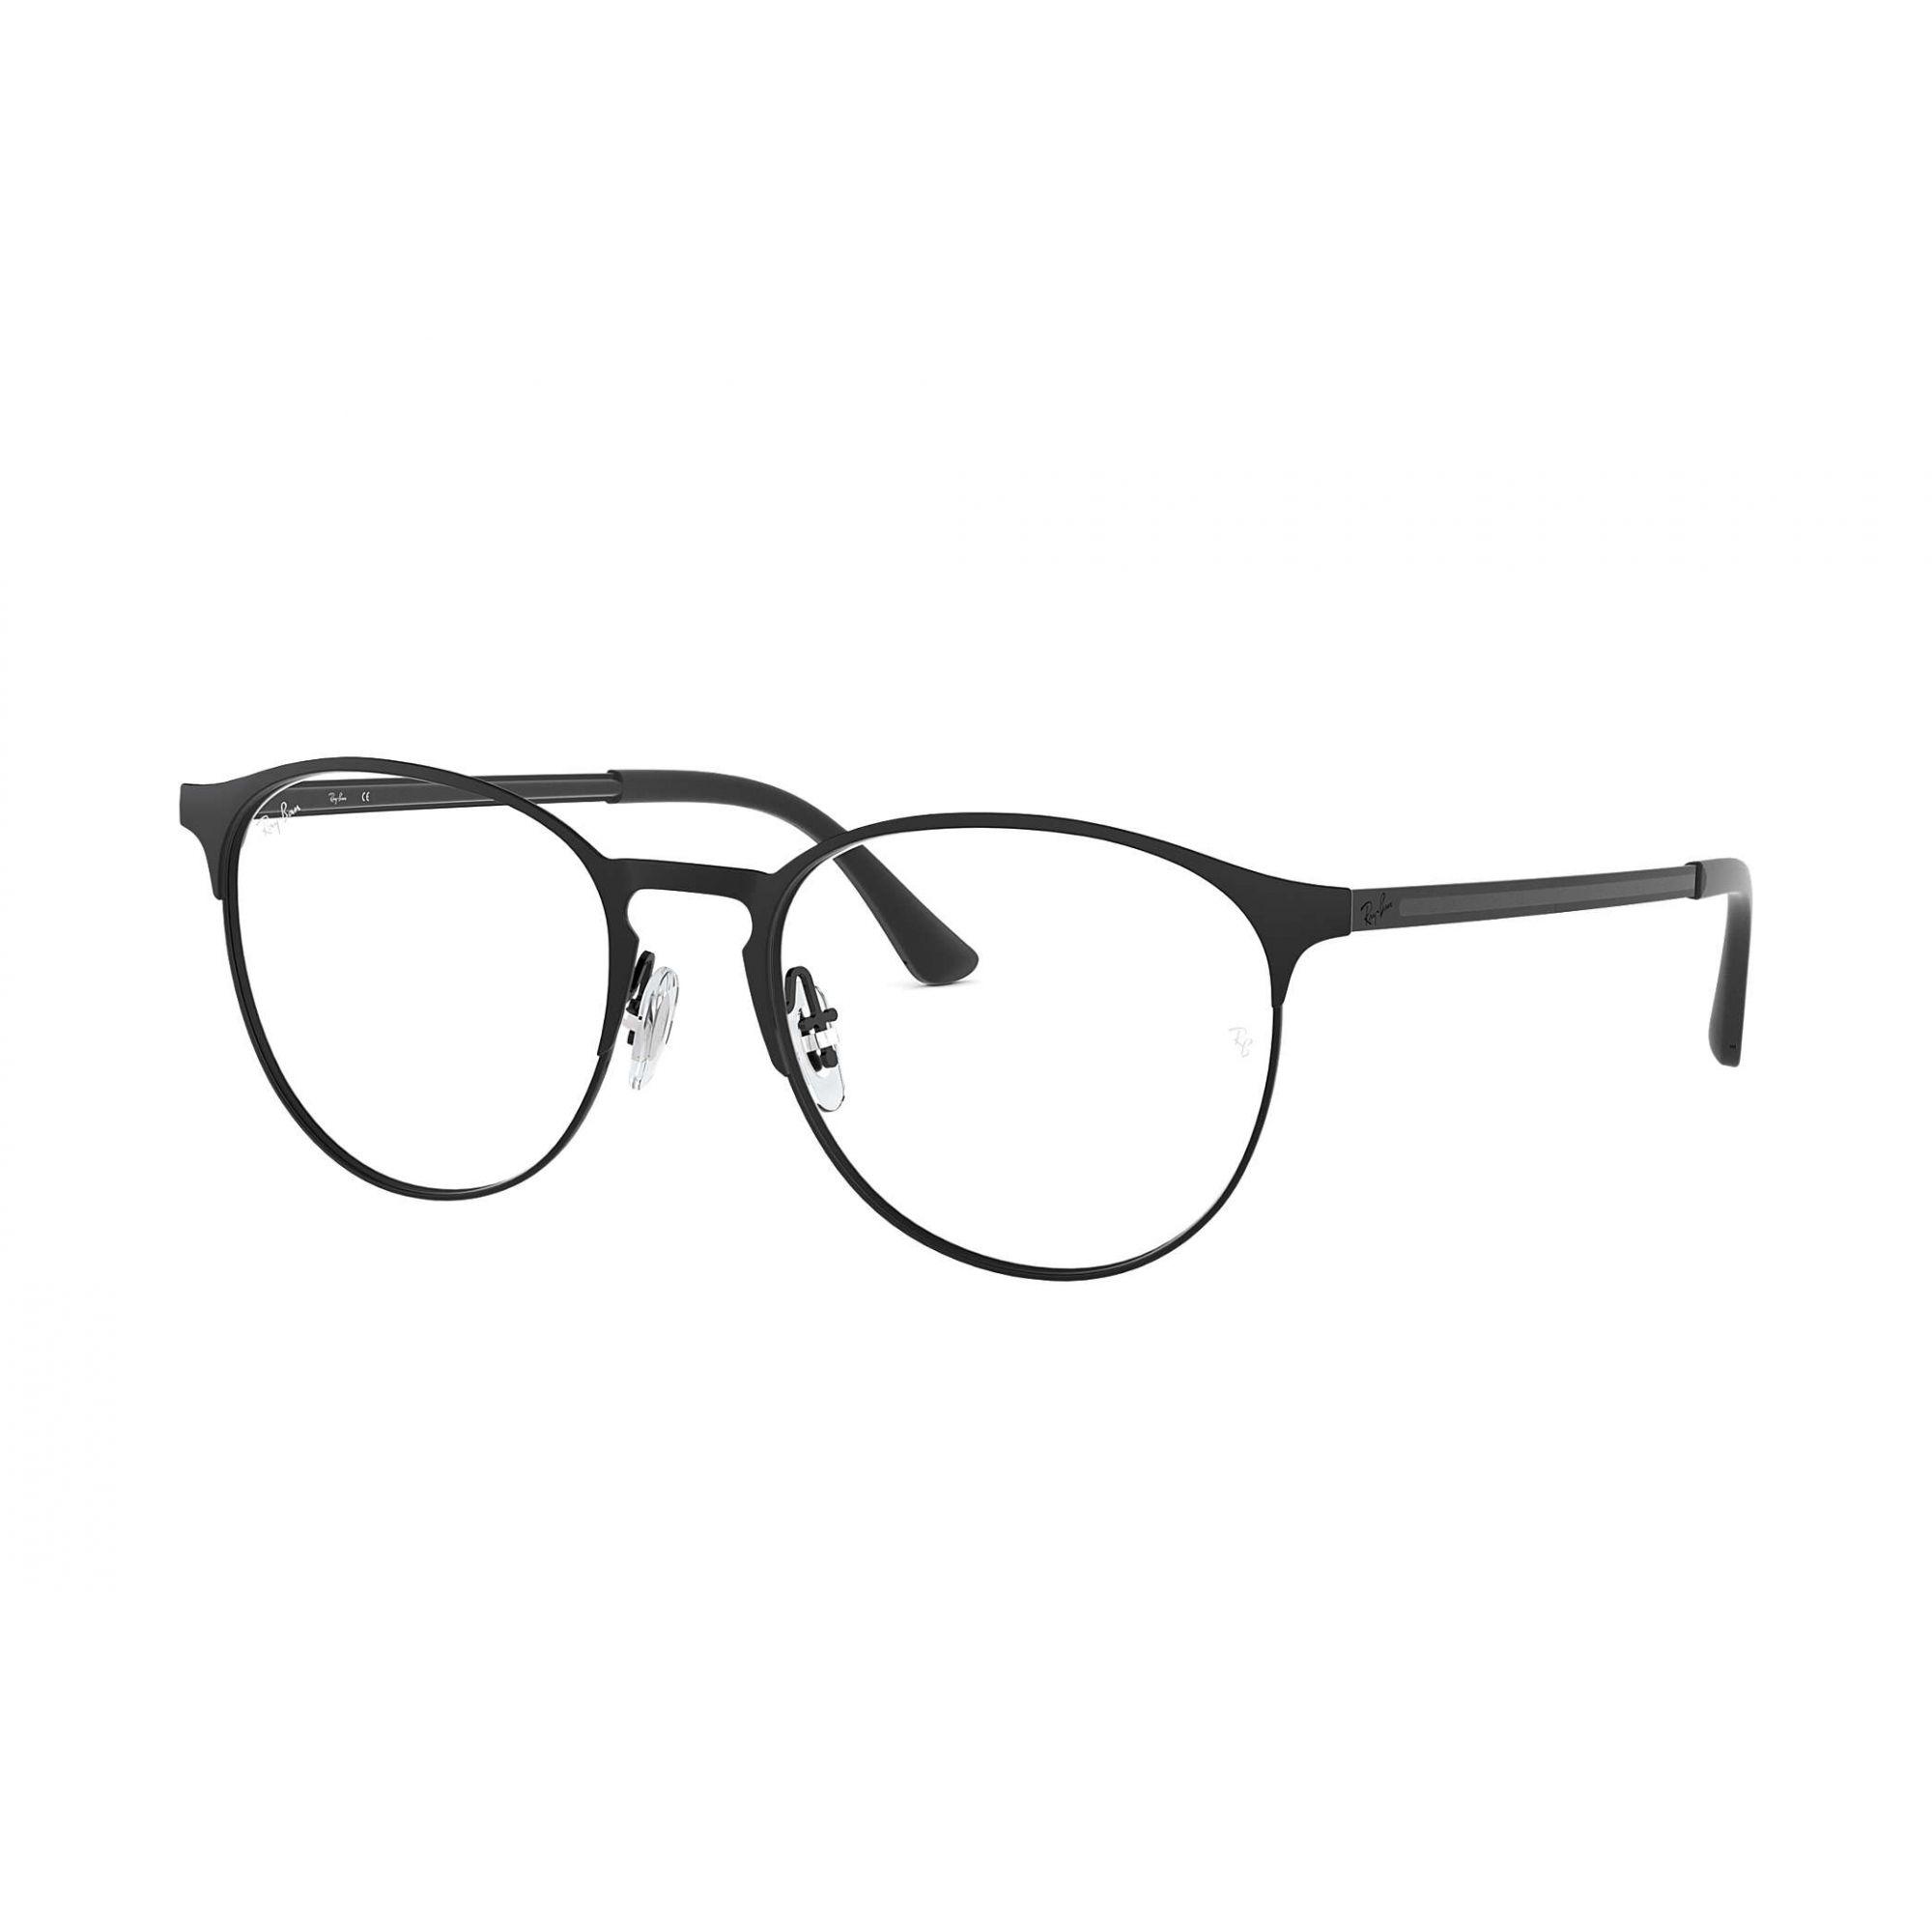 Ray Ban - RB6375 2944 - Óculos de grau